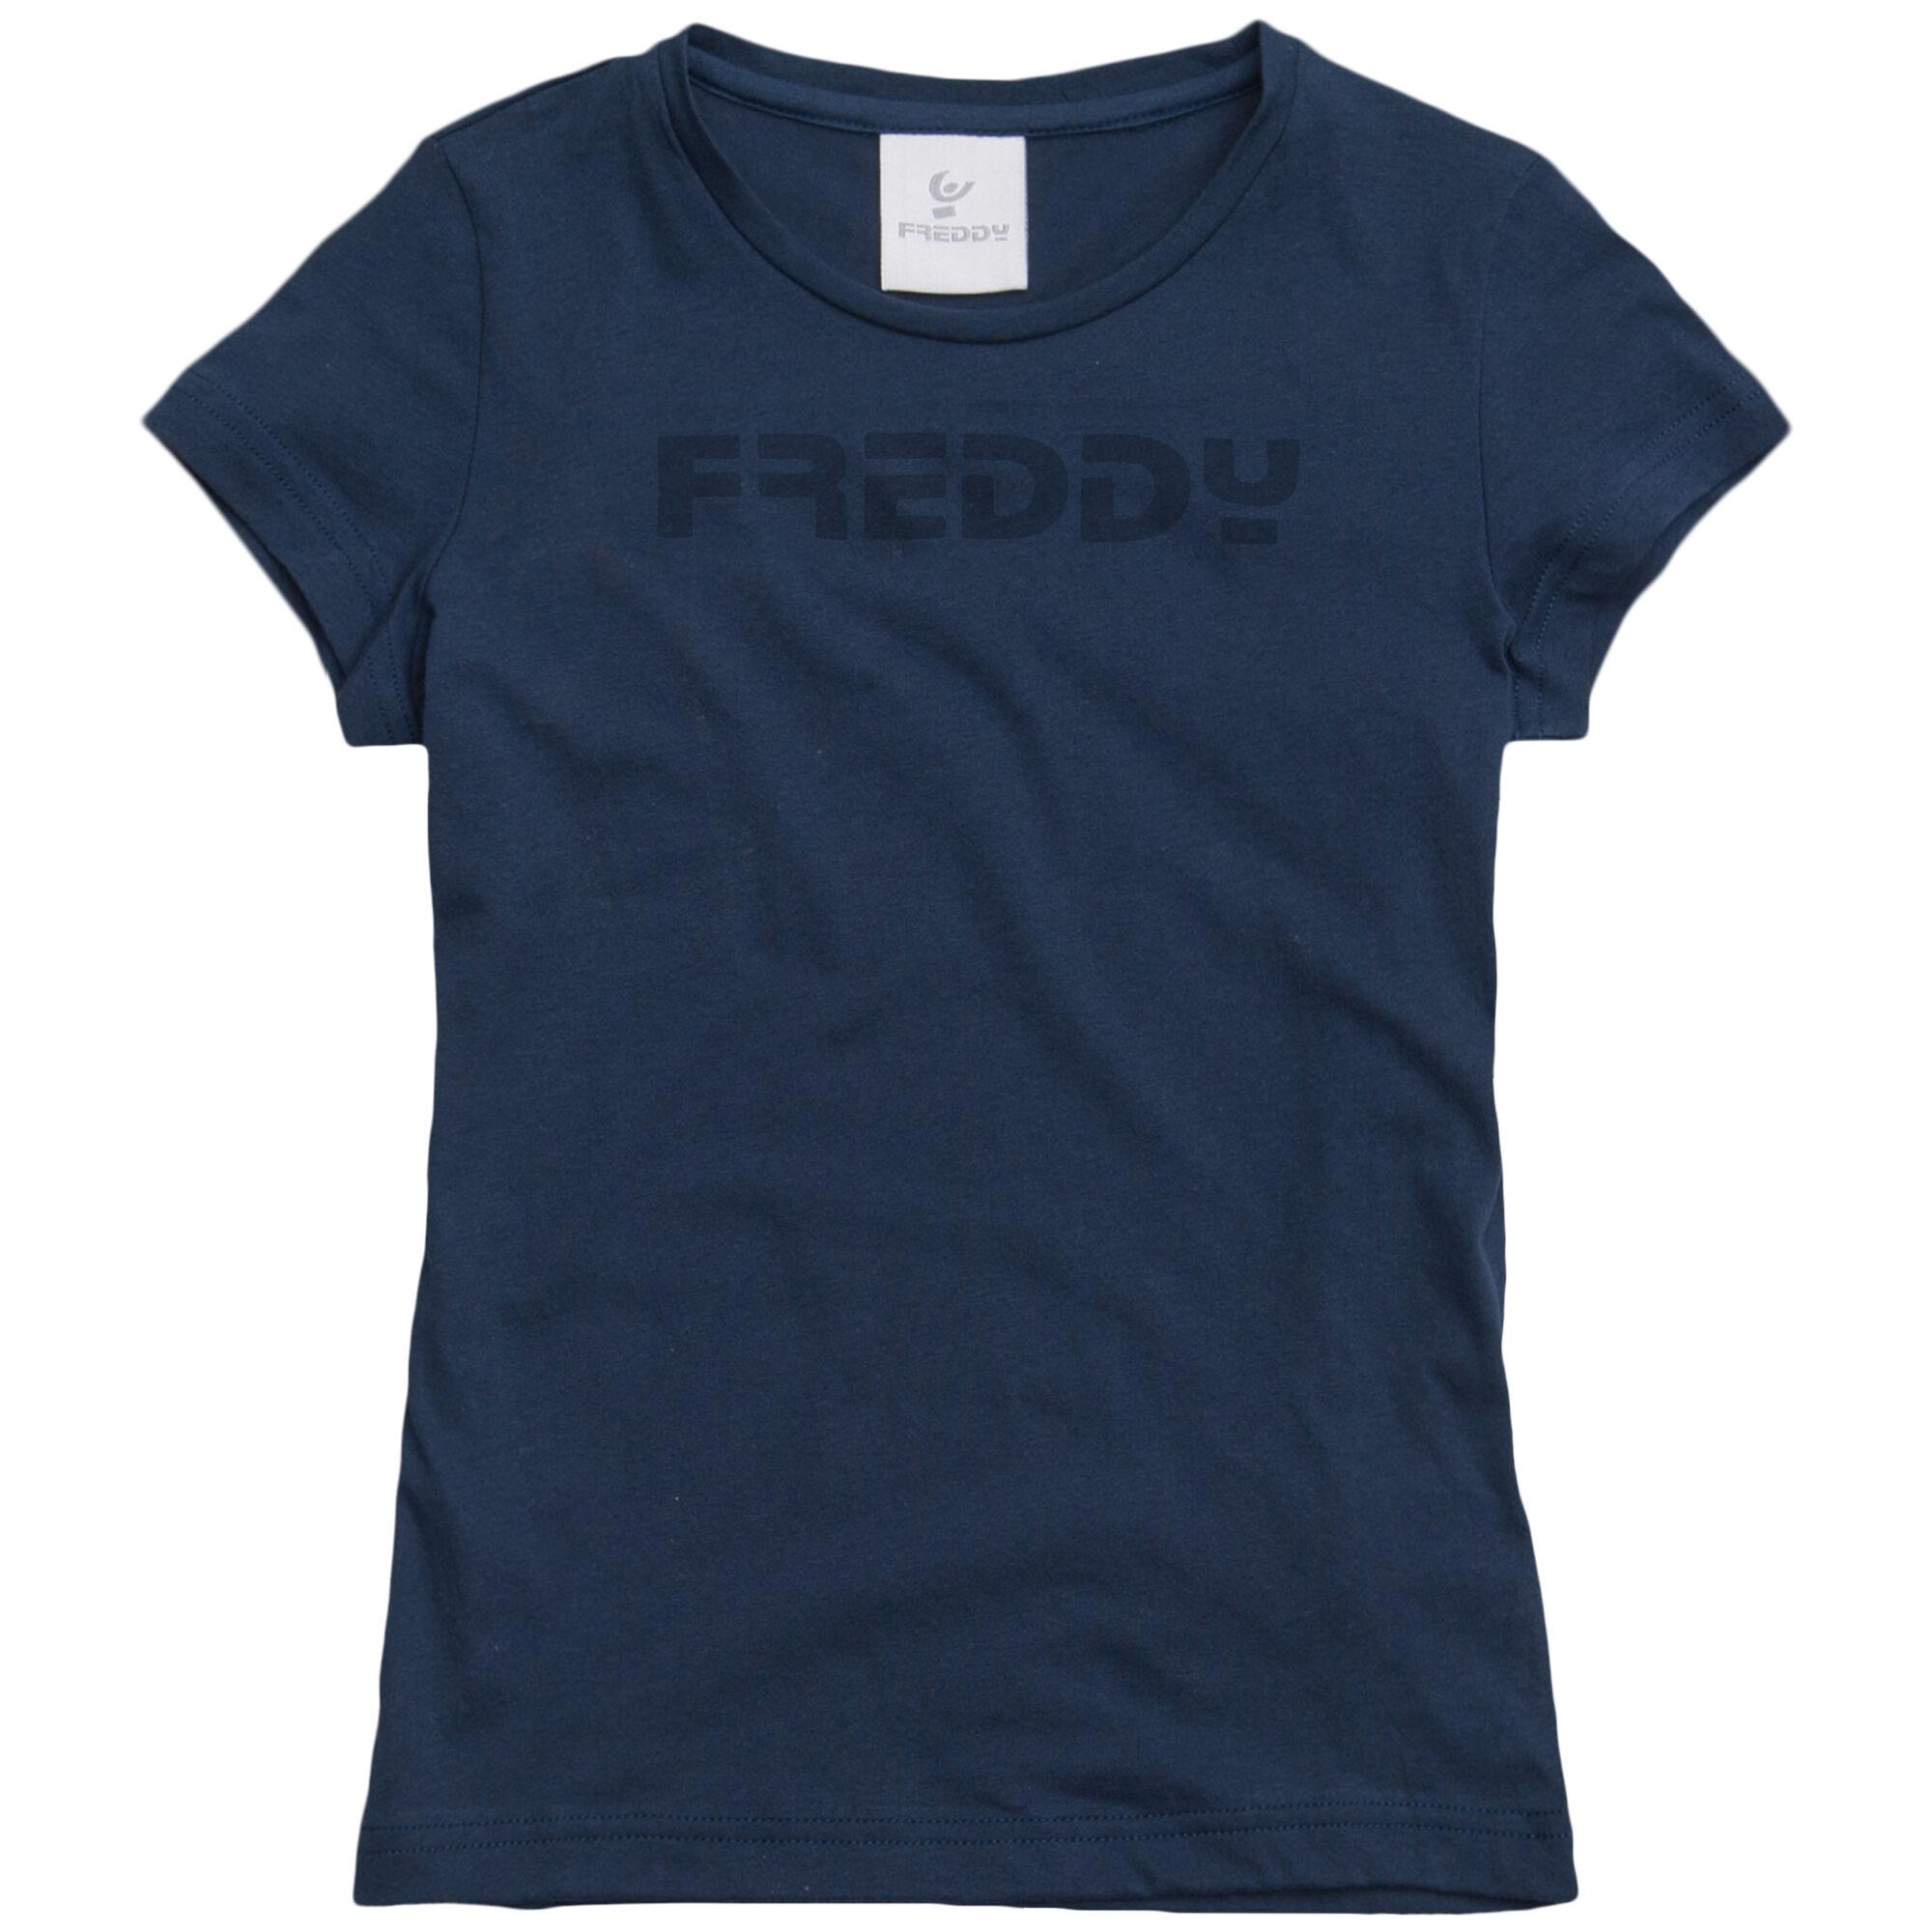 Freddy T-Shirt Manica Corta Blu